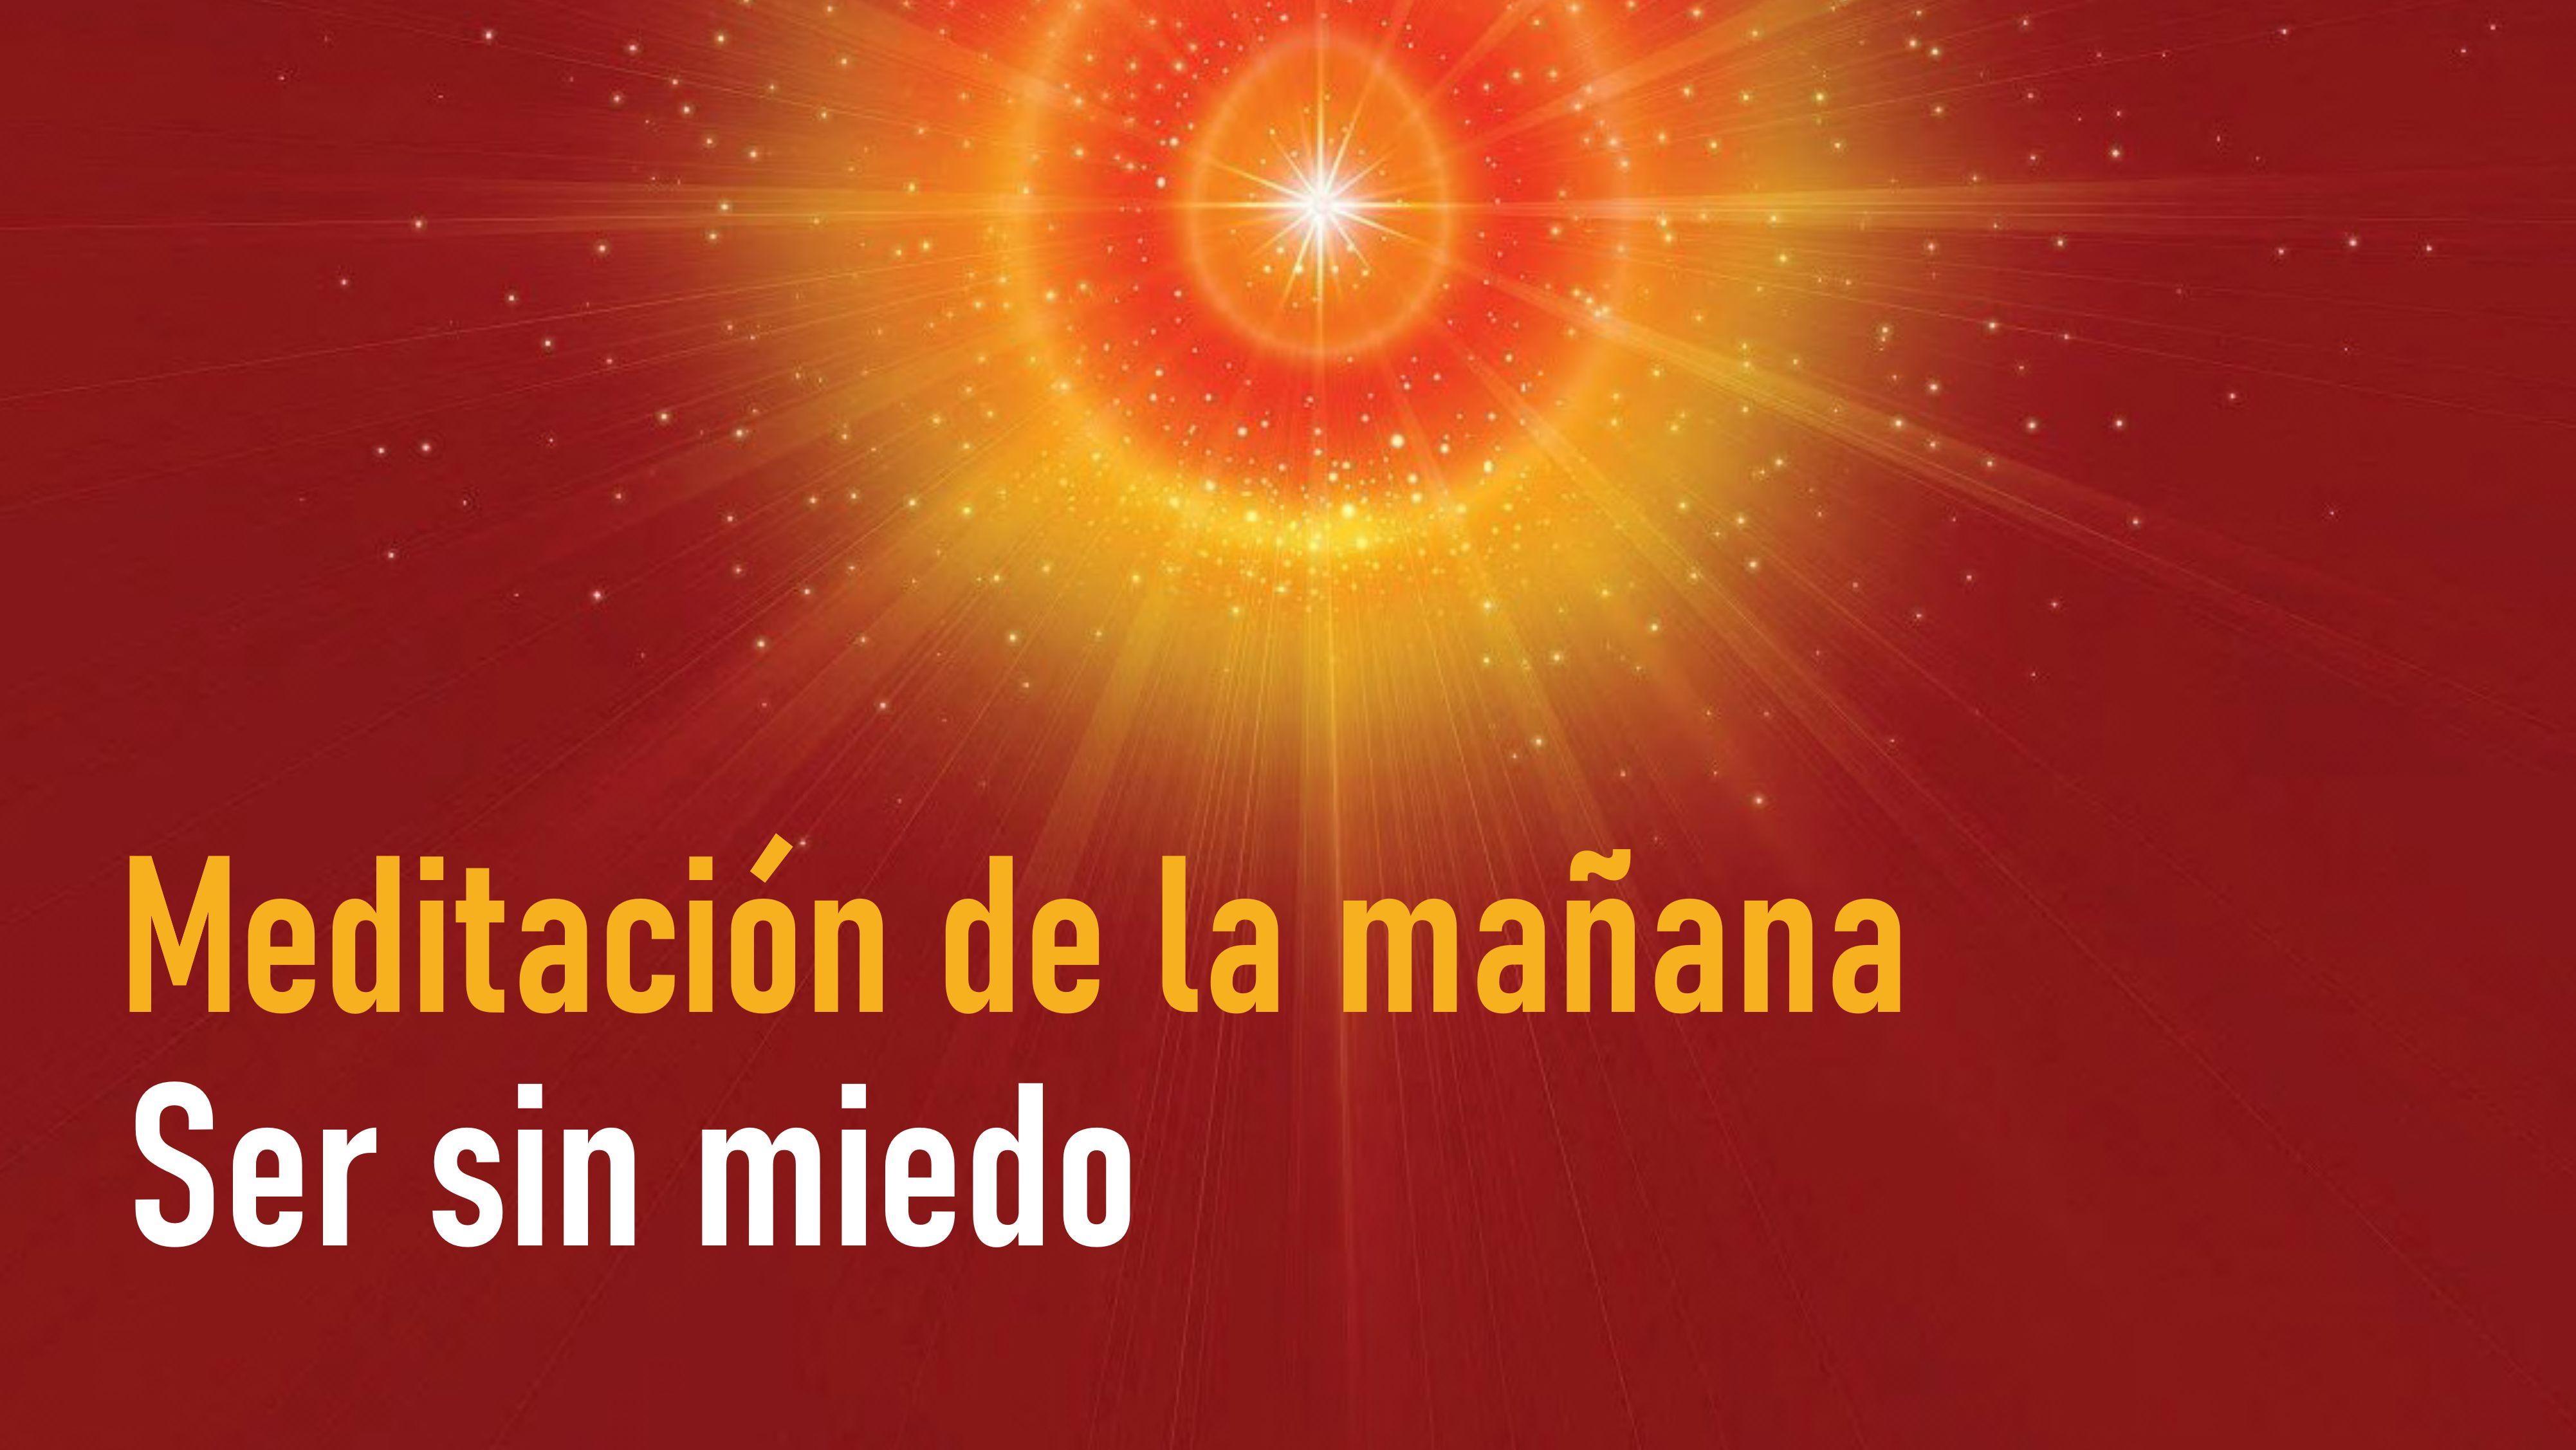 Meditación de la mañana Raja Yoga:  Ser sin miedo (22 Octubre 2020)